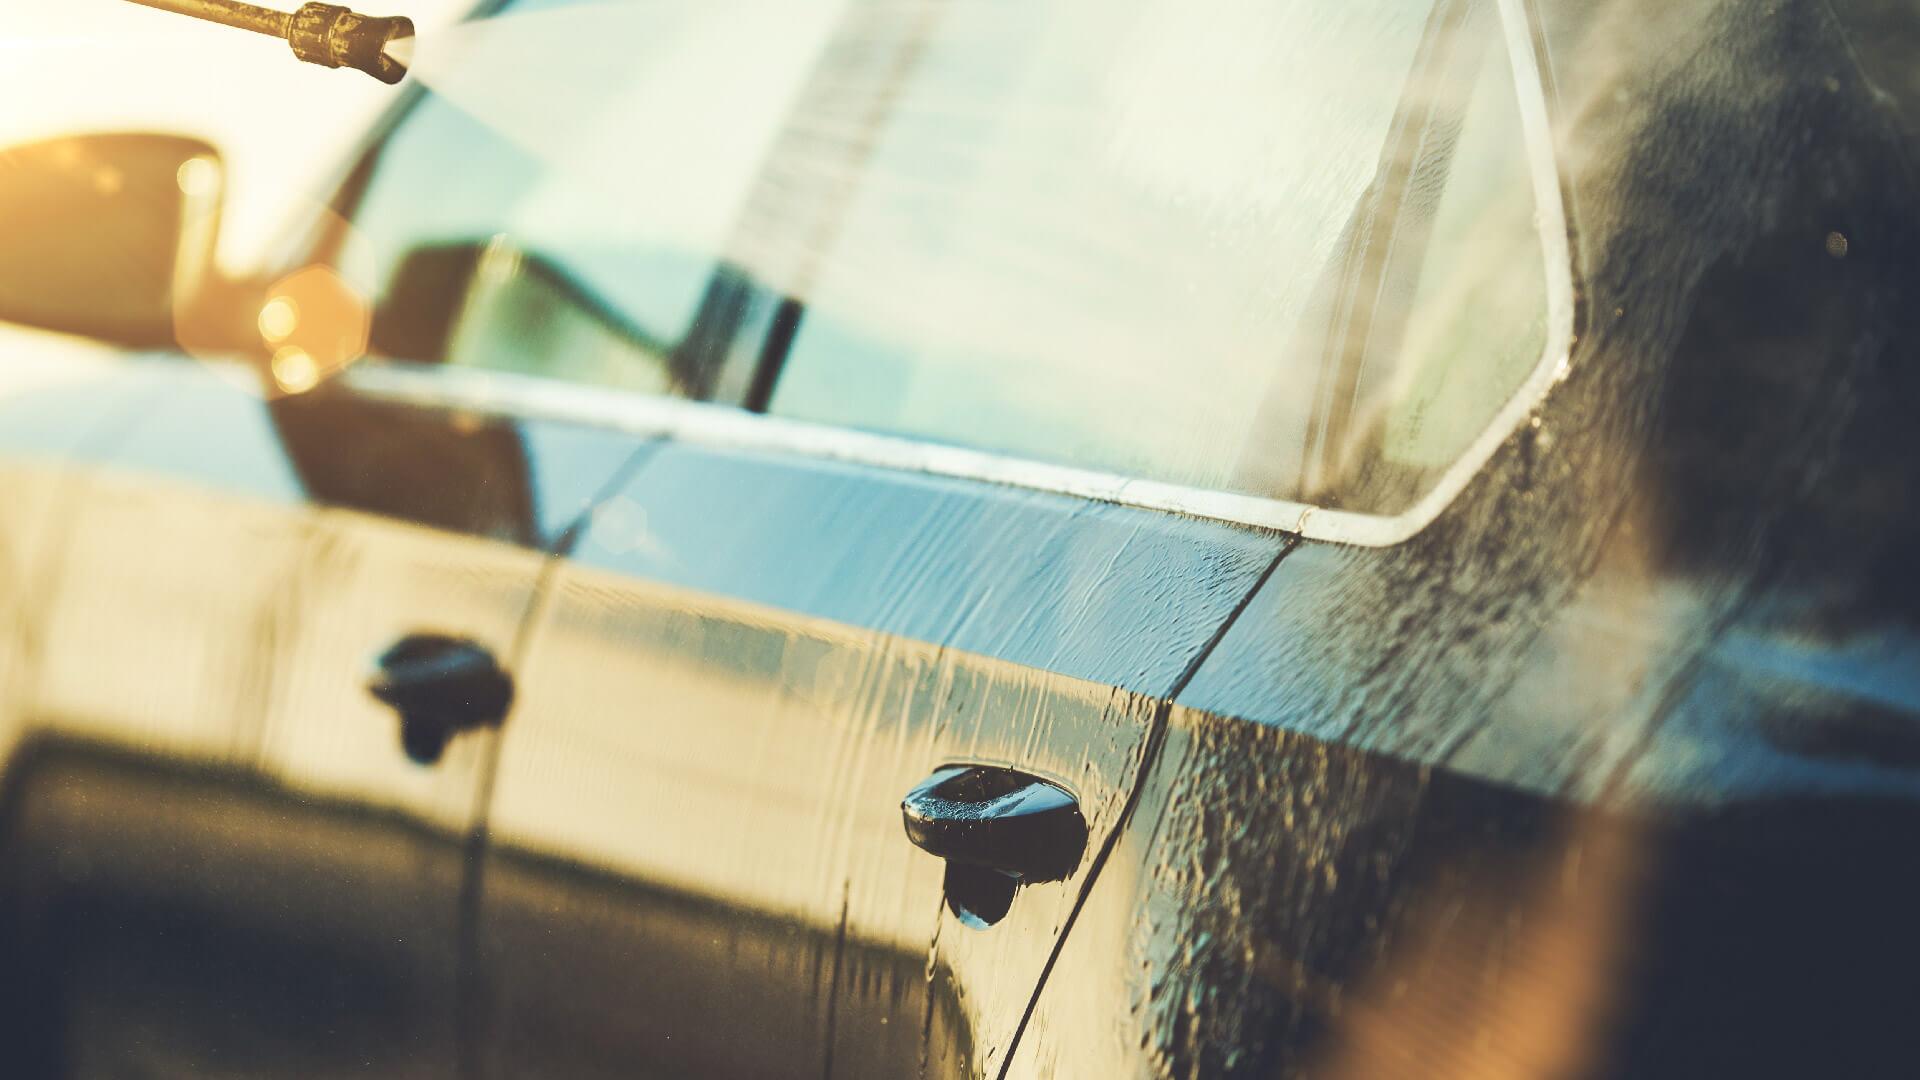 Panno Microfibra Per Asciugare L Auto.Come Lavare L Auto A Mano Senza Graffiarla Carrozzeria Alle Cave